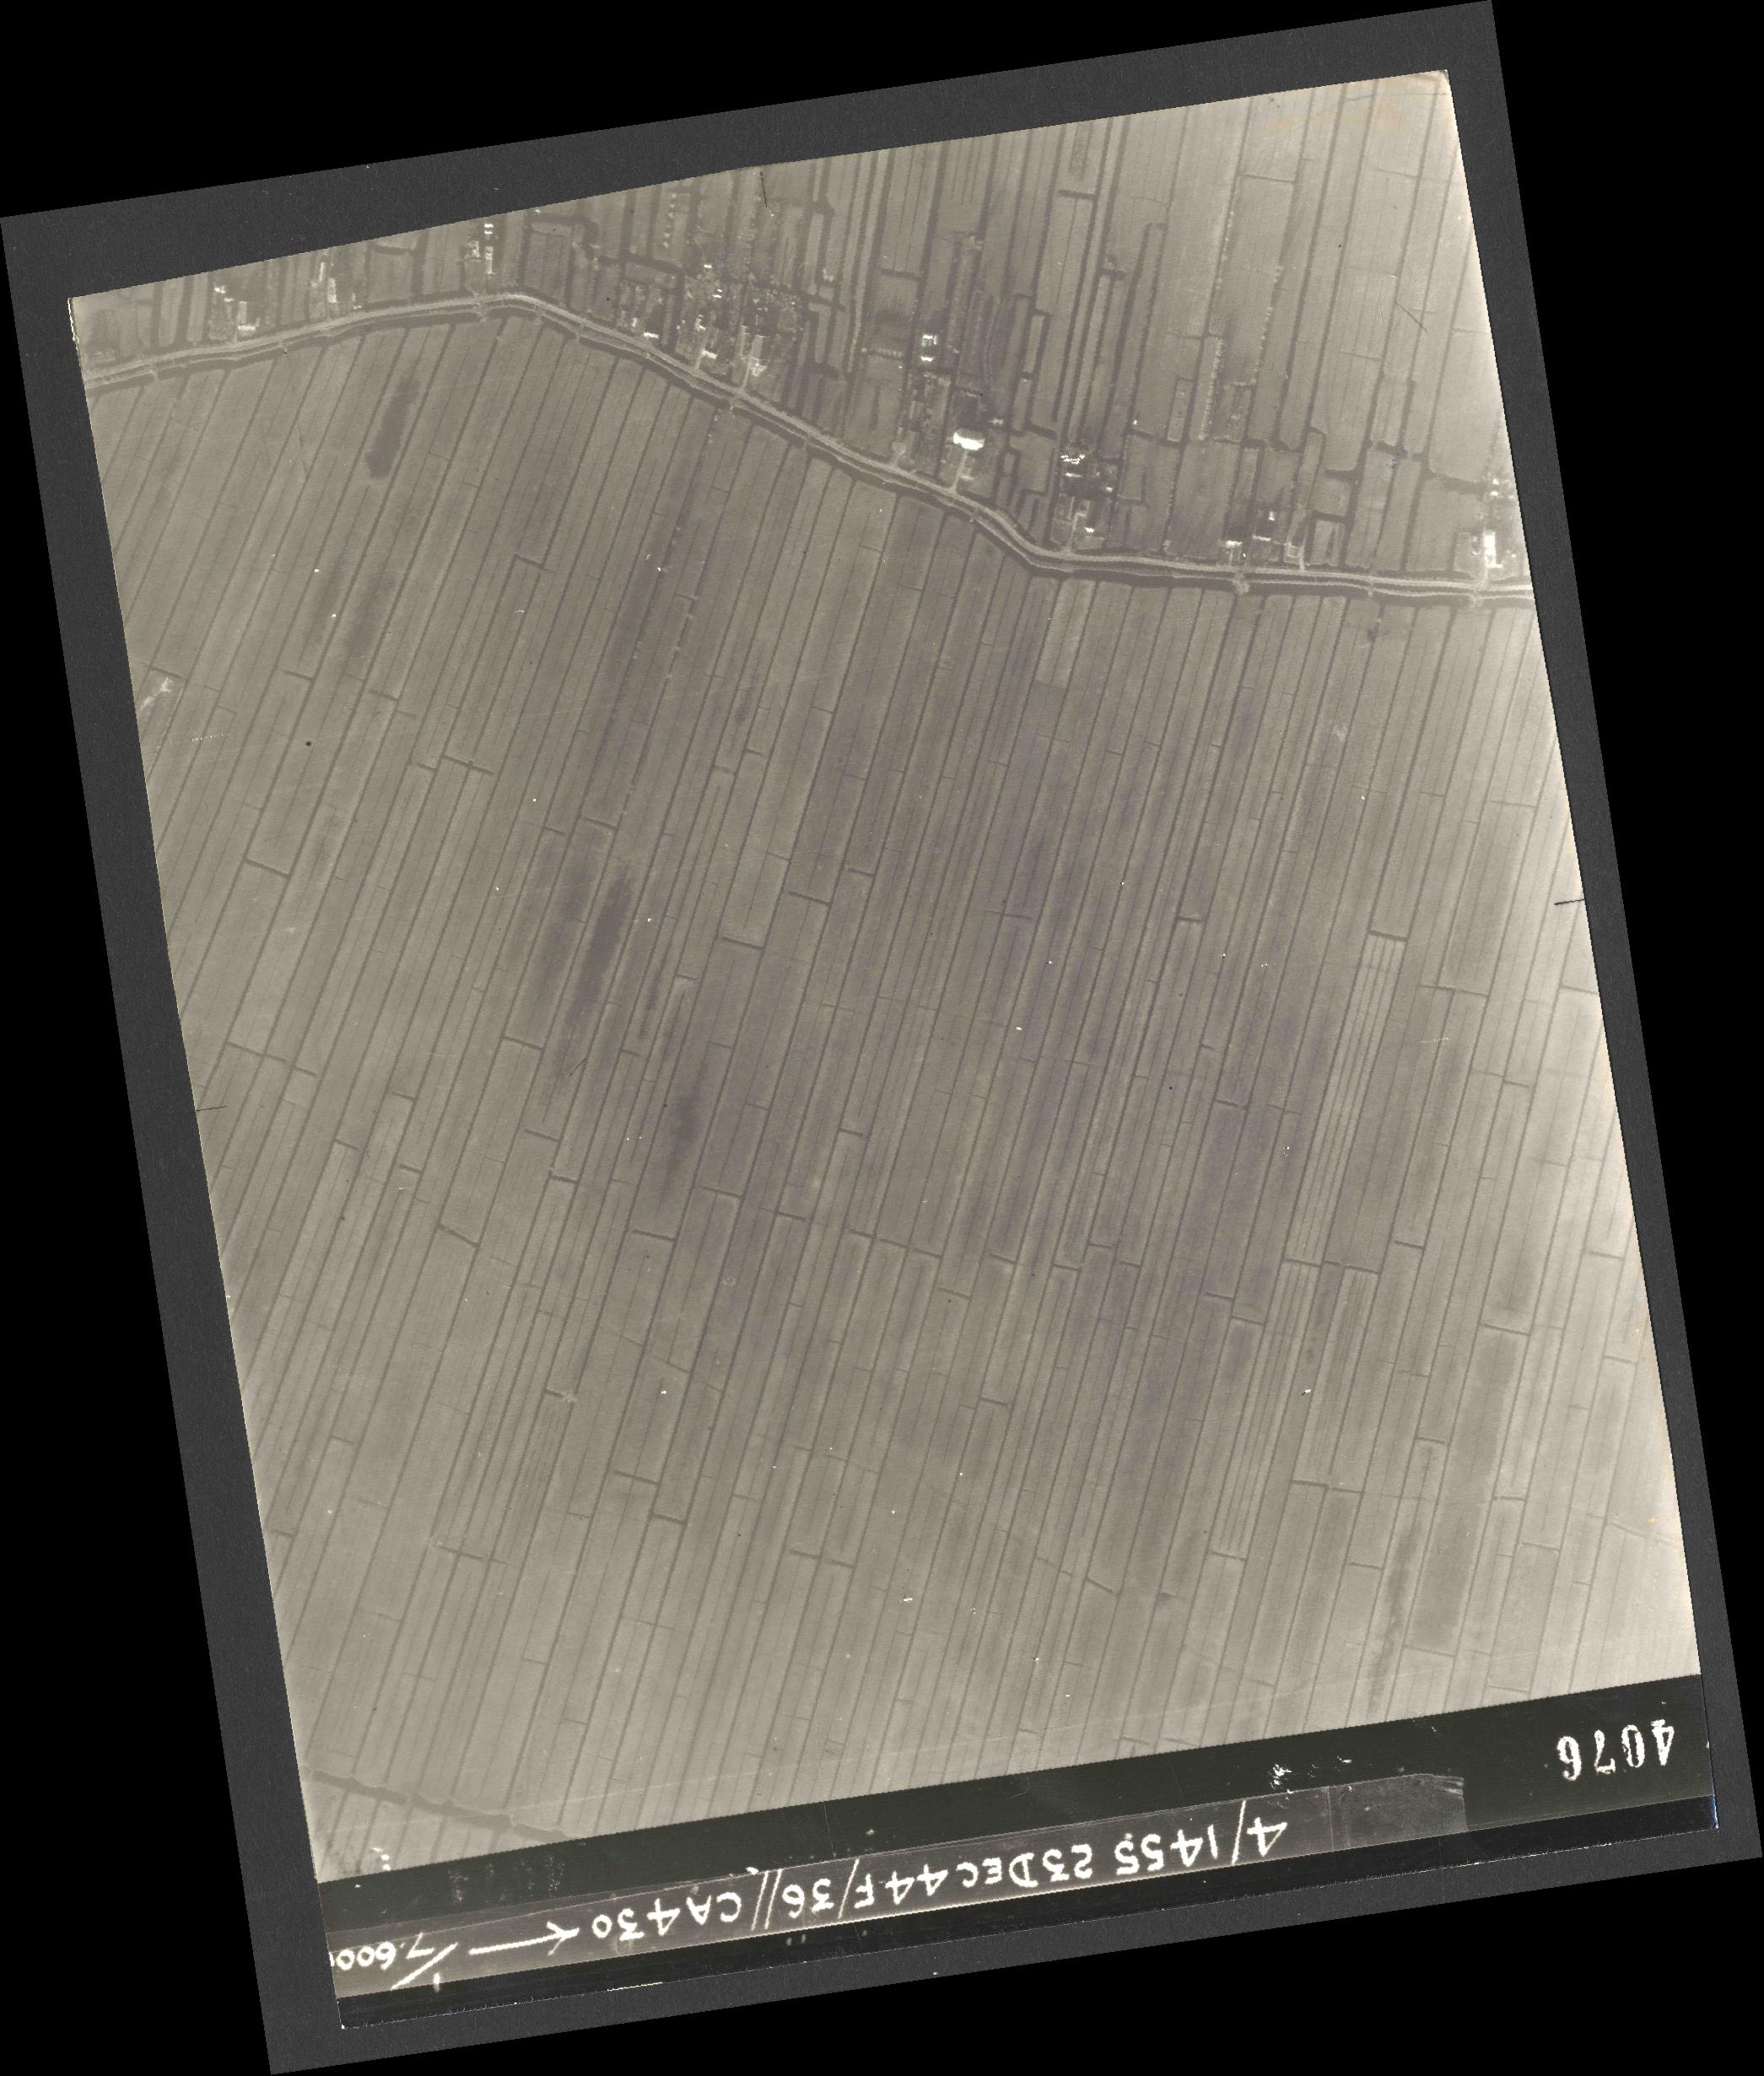 Collection RAF aerial photos 1940-1945 - flight 051, run 06, photo 4076